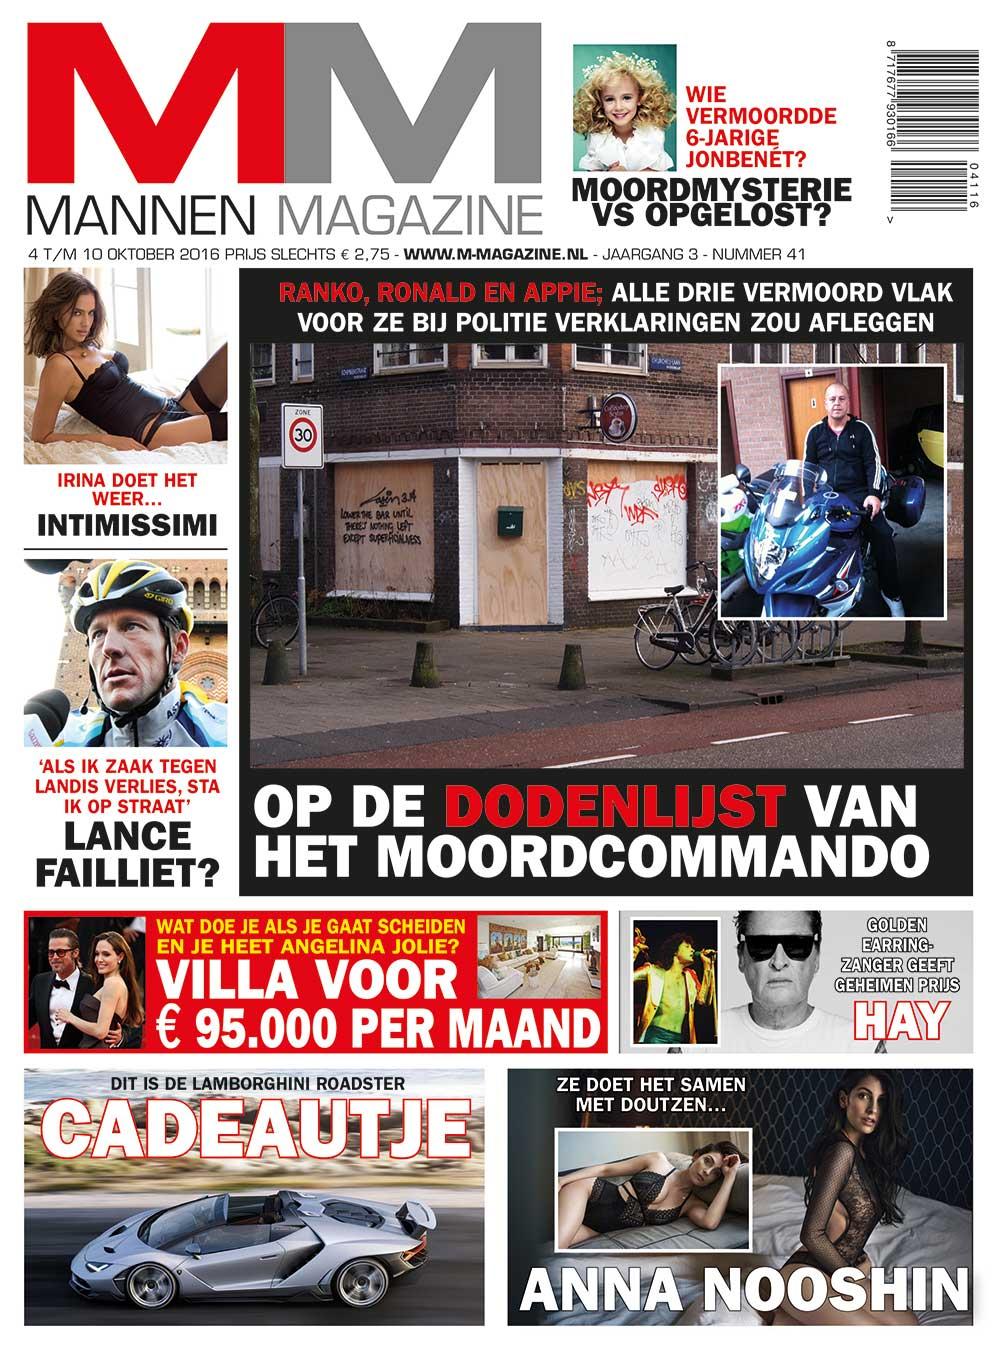 Mannen Magazine